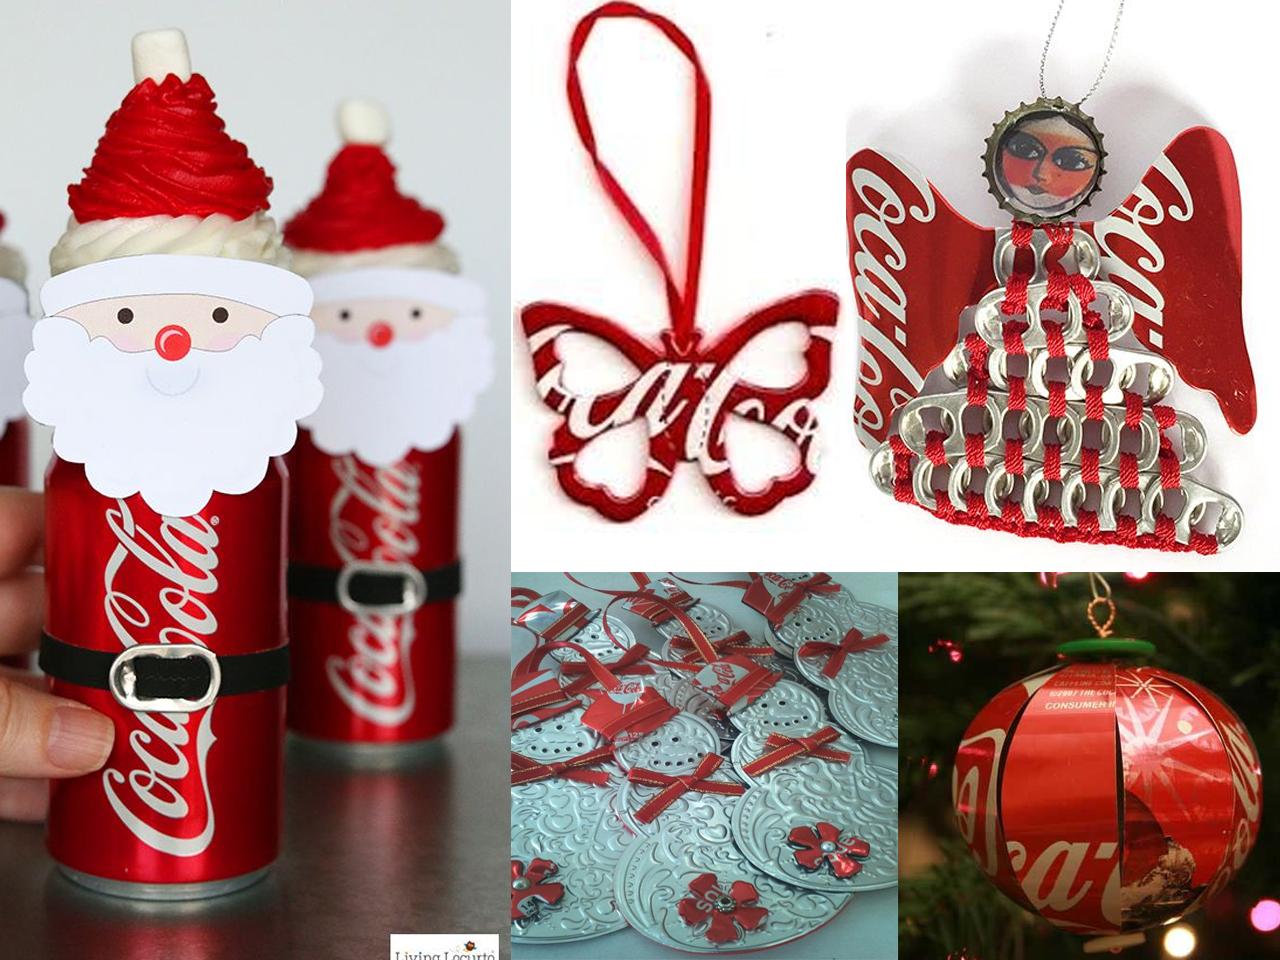 Descubre un mont n de manualidades con latas de coca cola - Como hacer figuras de navidad ...